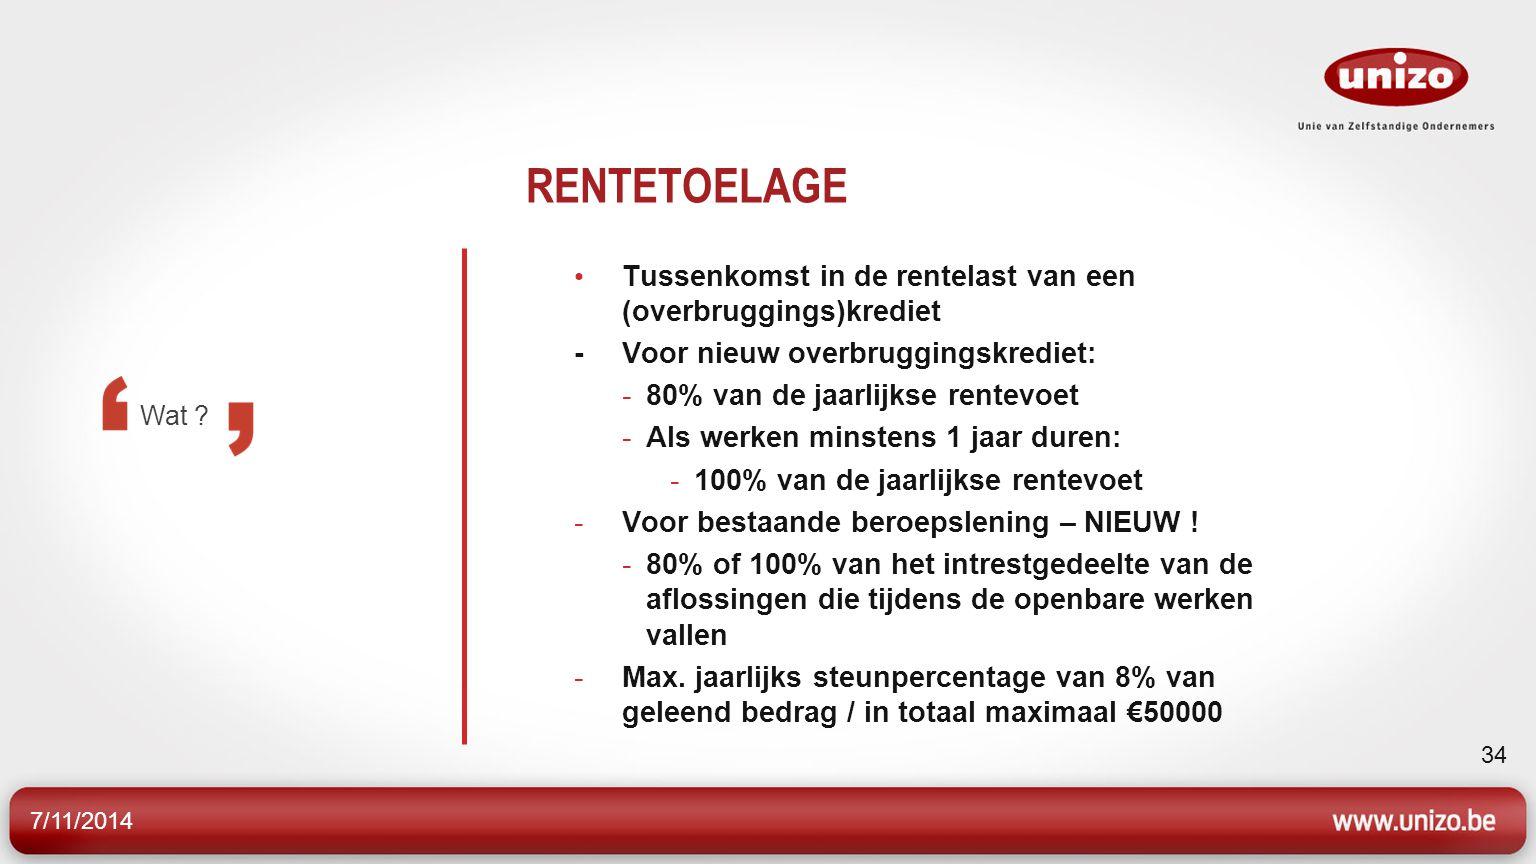 RENTETOELAGE Tussenkomst in de rentelast van een (overbruggings)krediet. - Voor nieuw overbruggingskrediet: